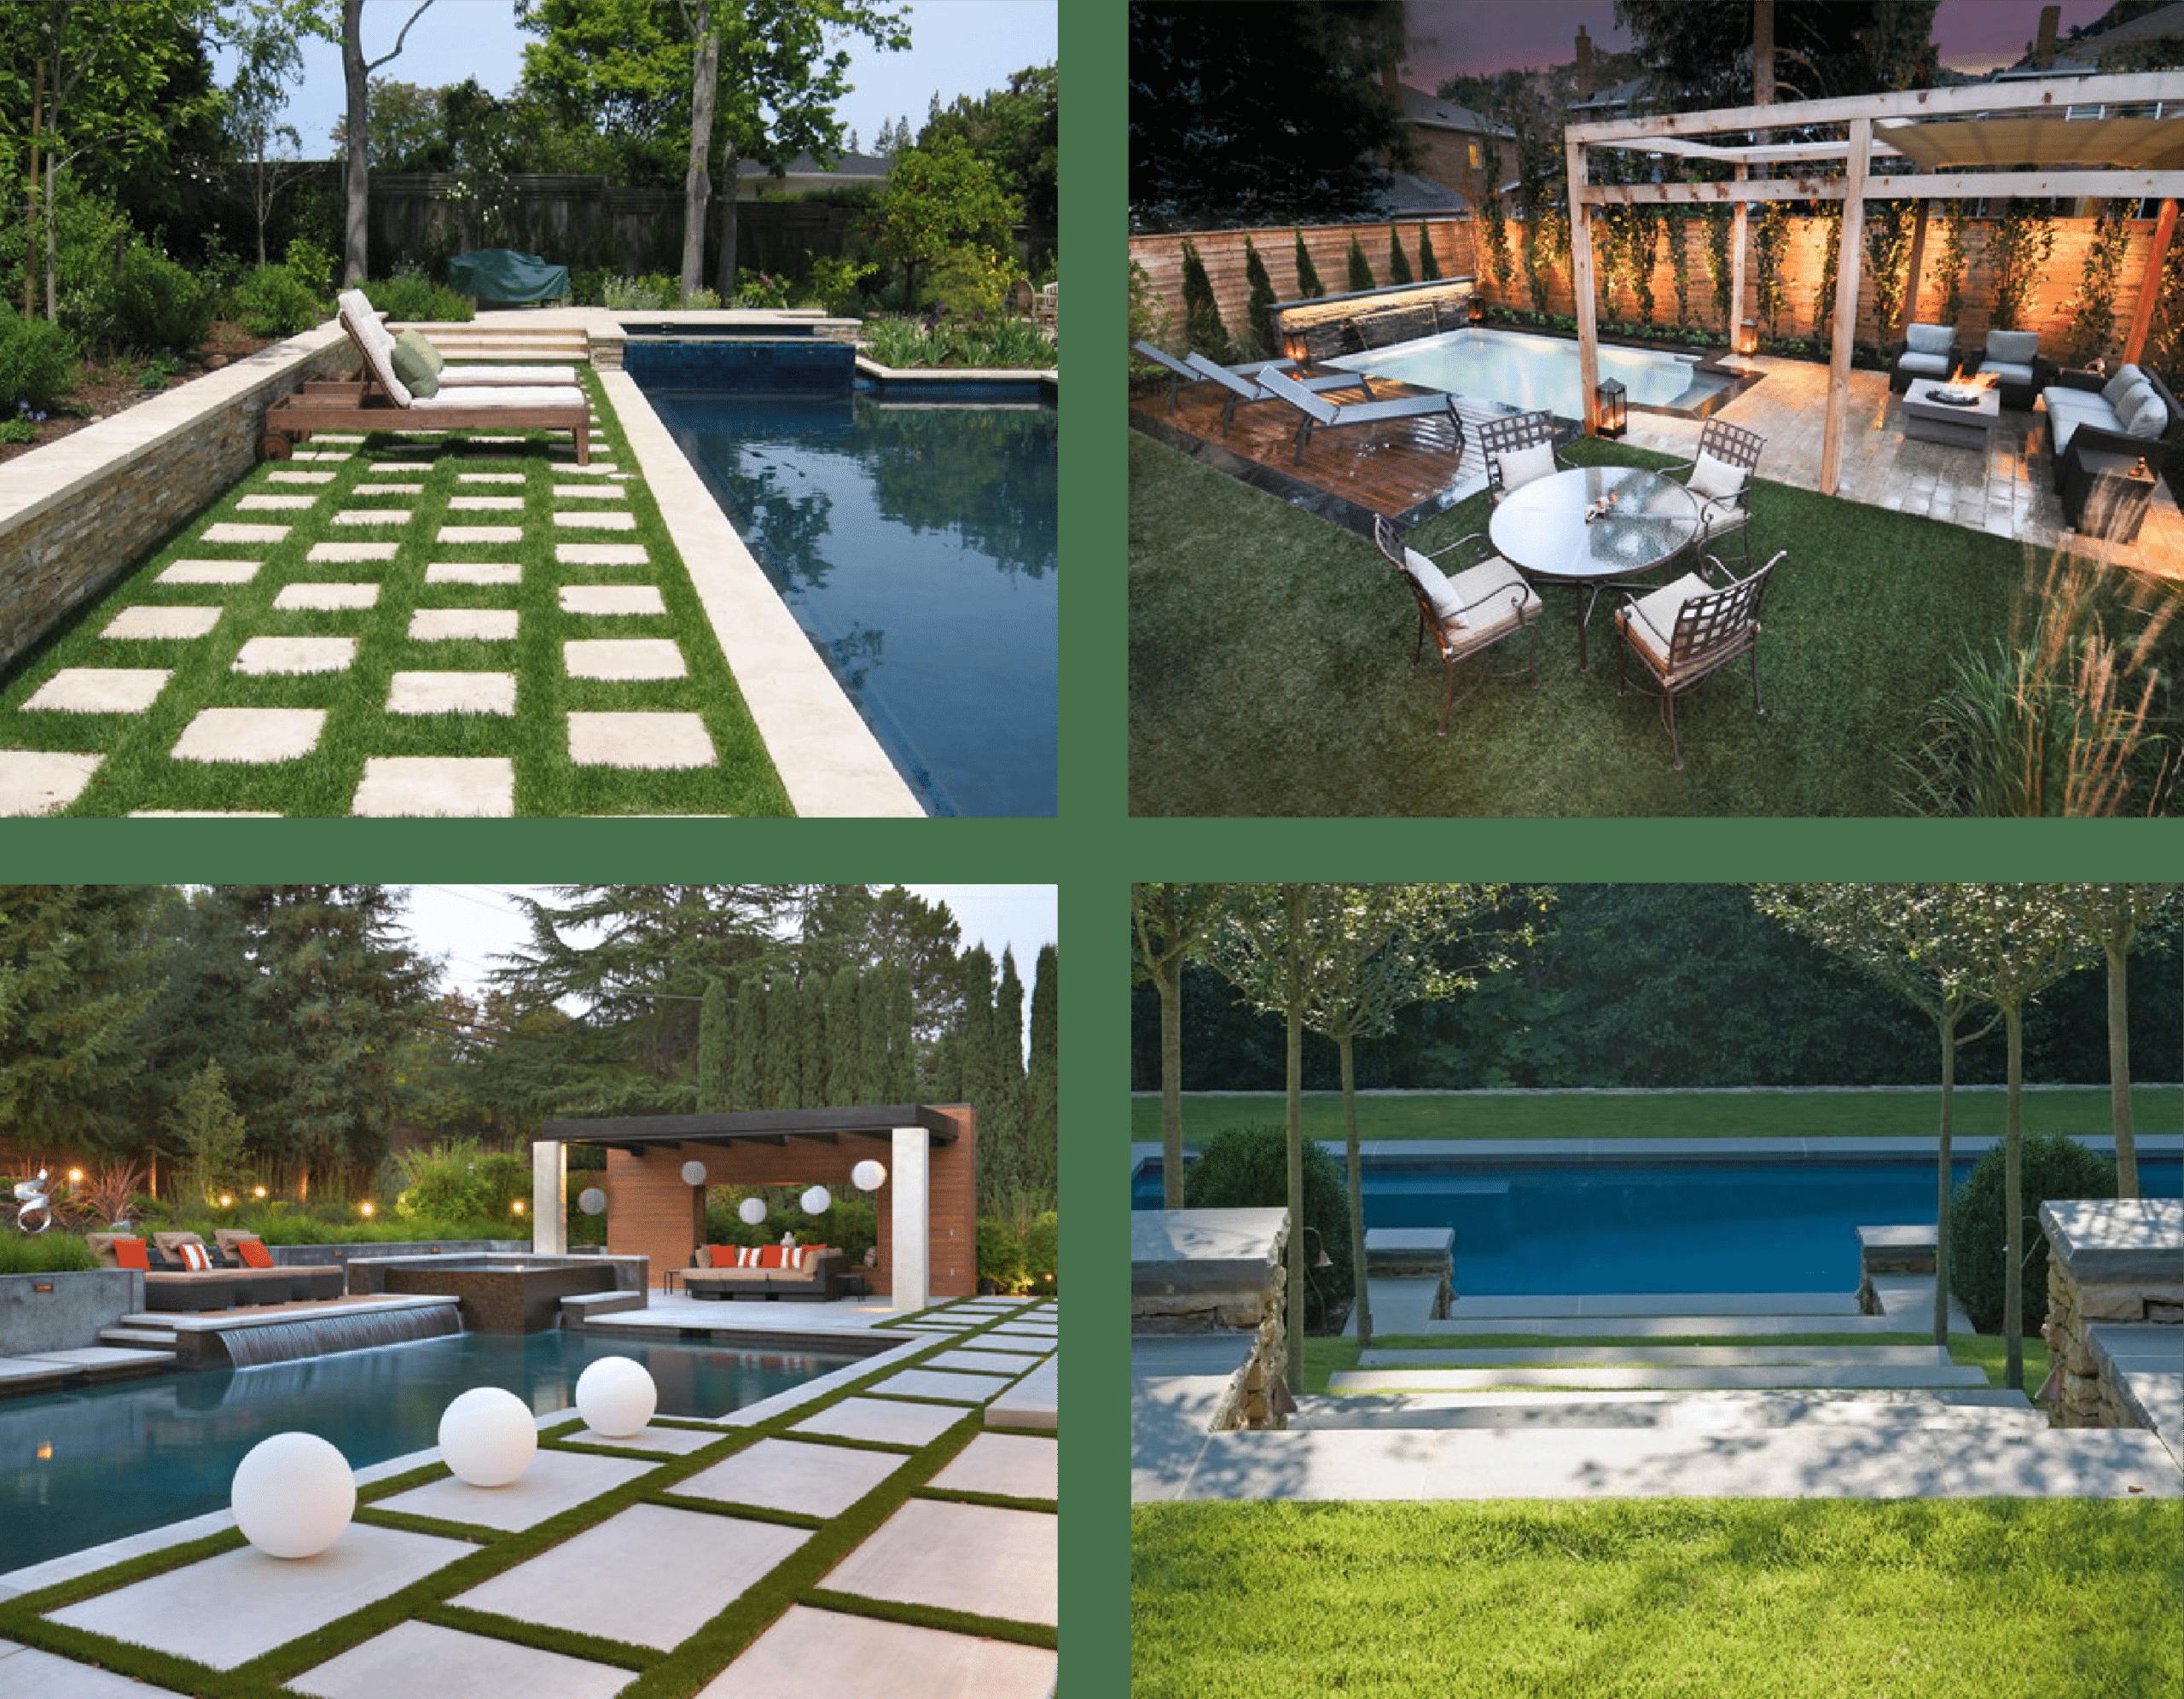 21ff1d0f Los mejores tipos para piscinas: Césped artificial piscinas